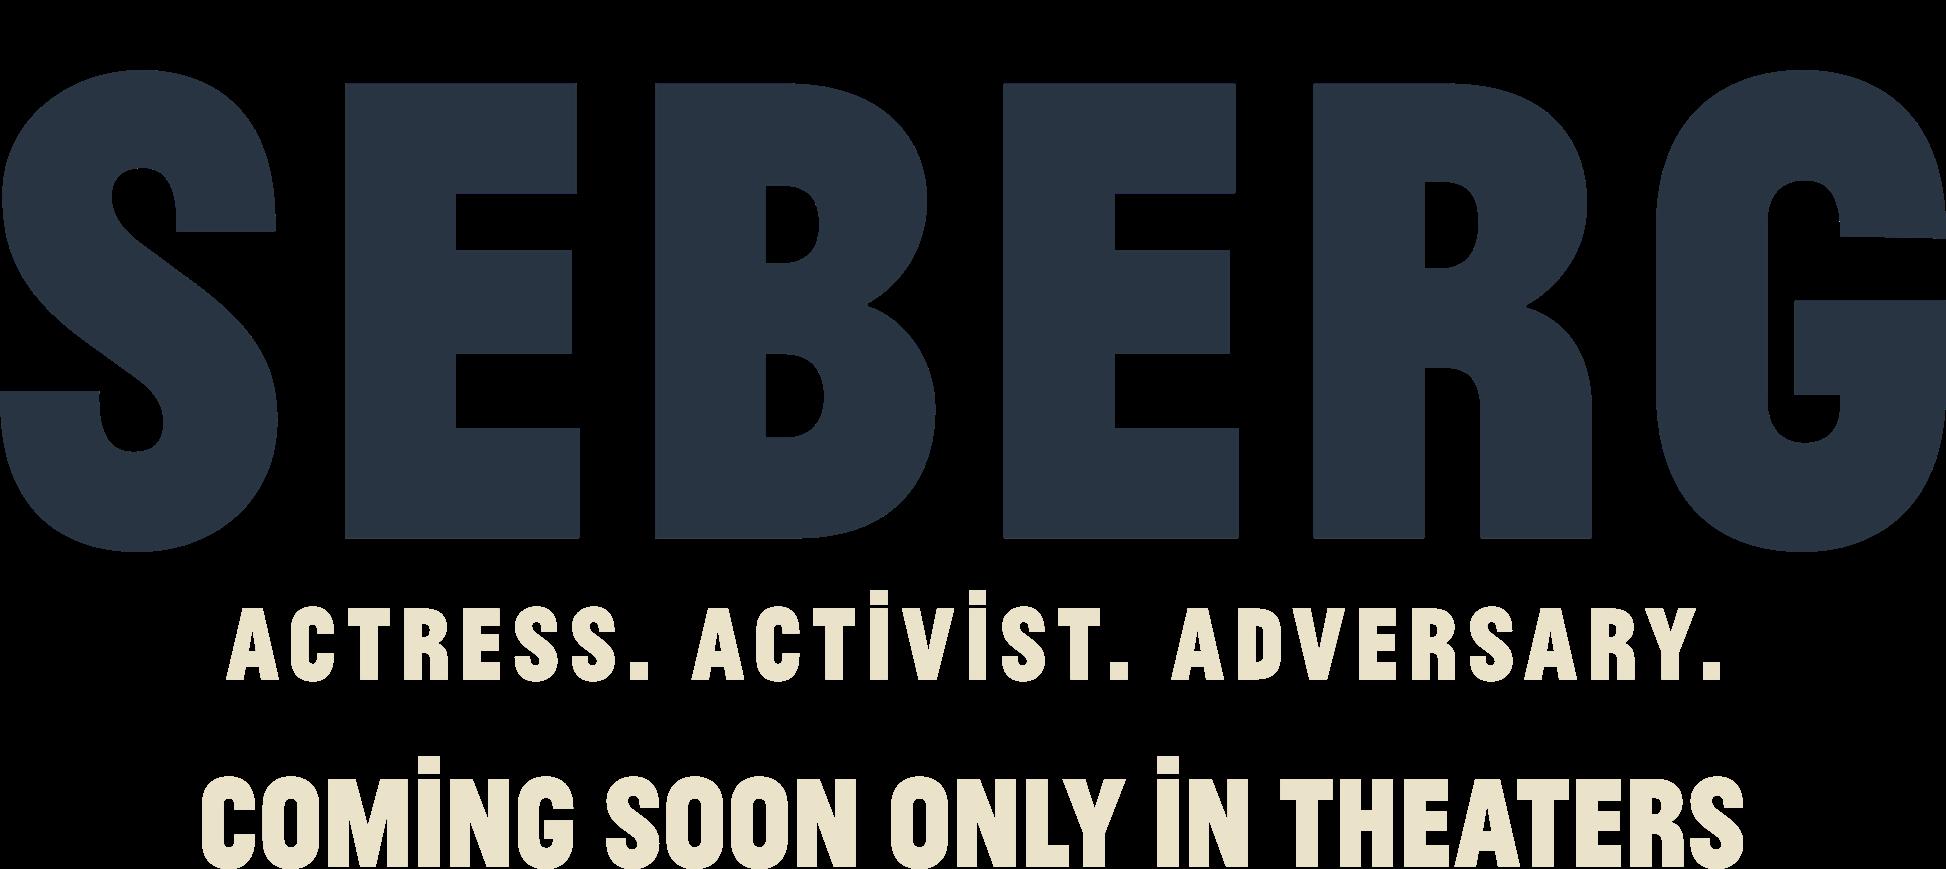 Seberg: Synopsis   Amazon Studios